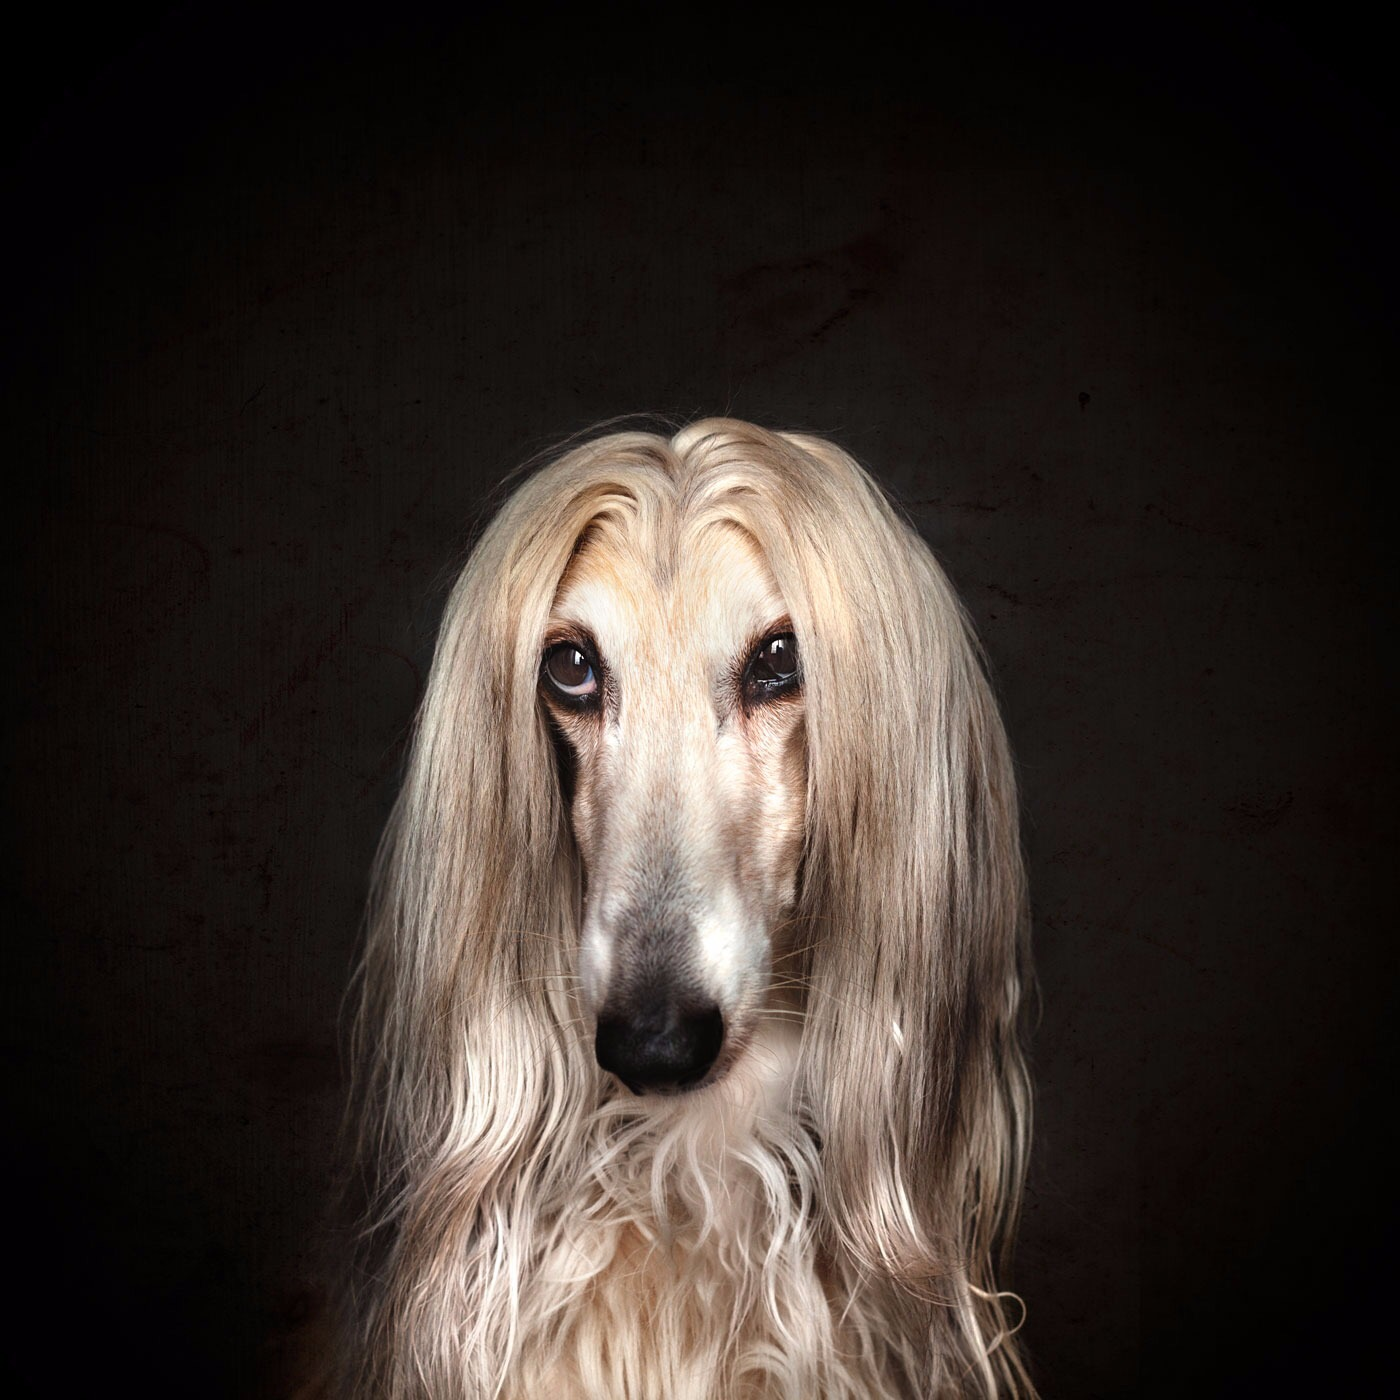 sintiéndonos-como-autenticos-modelos, mar vidal, persistencia o cambio, Fer Villafaina, Ojos de Hojalata, fotografía, retrato, perros, galgo afgano